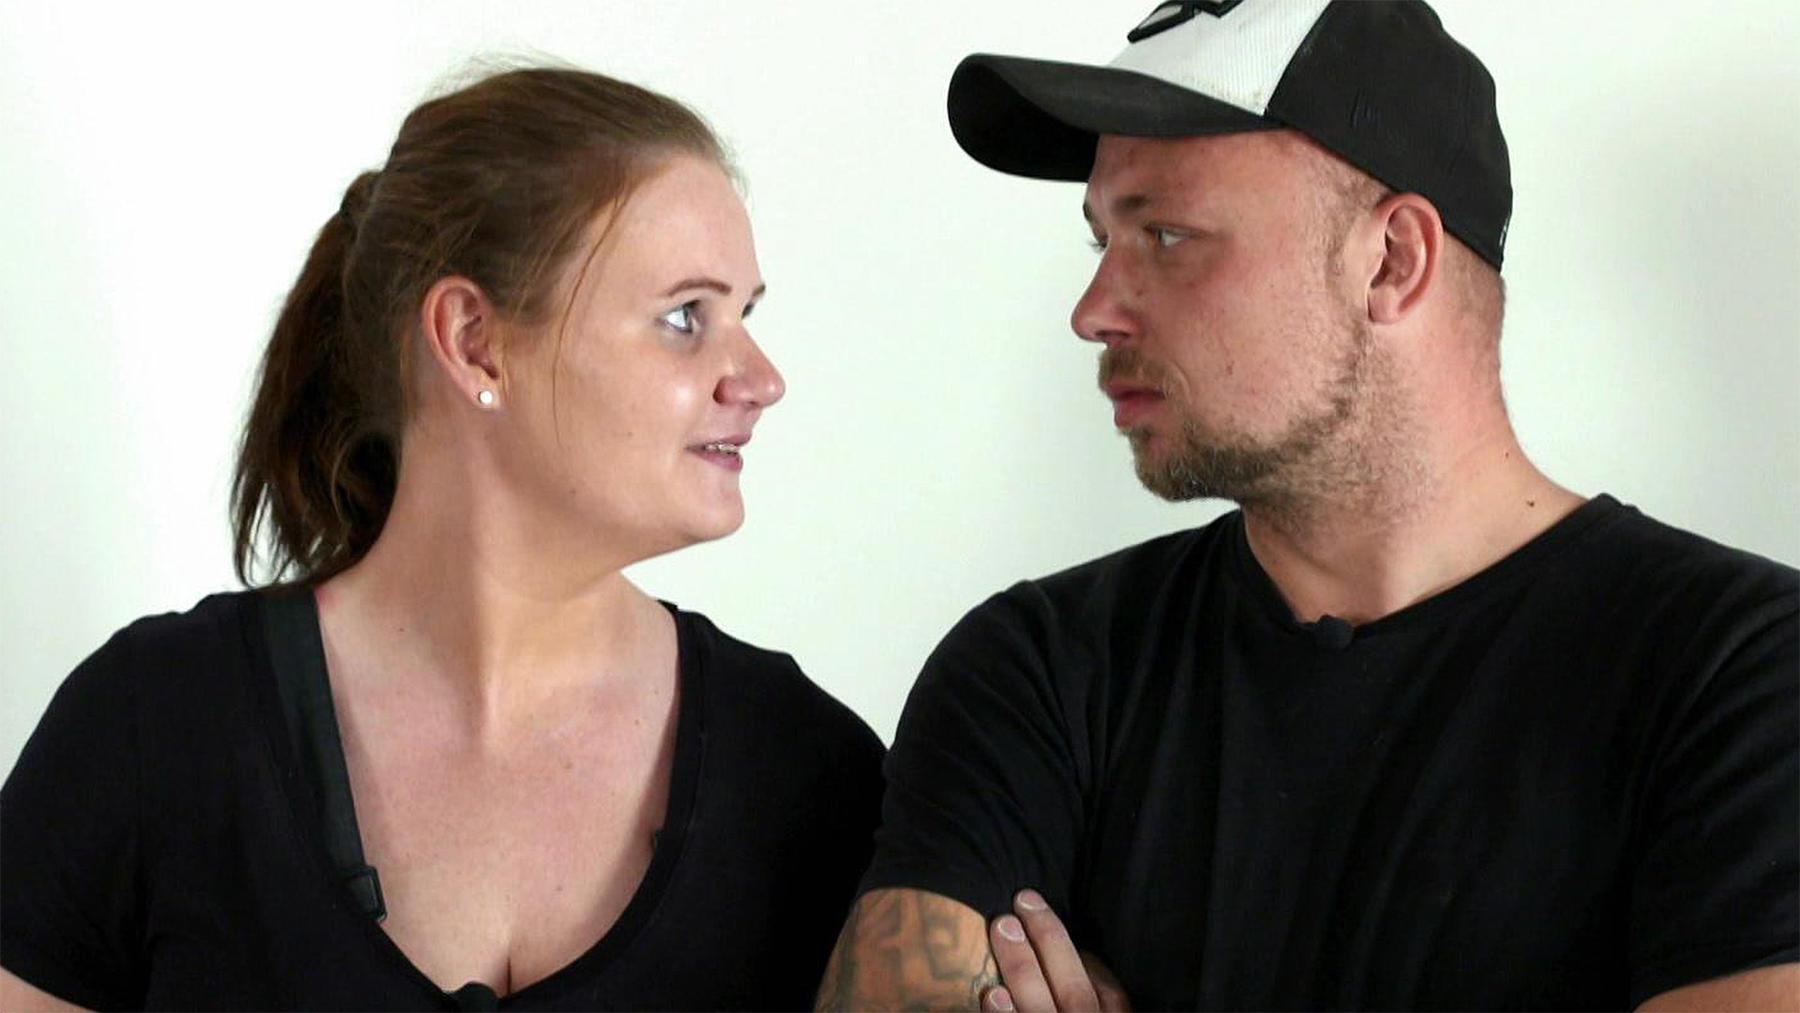 Heute u.a.: Bei Jenny und Maik steht der Umzug an! | Folge 6